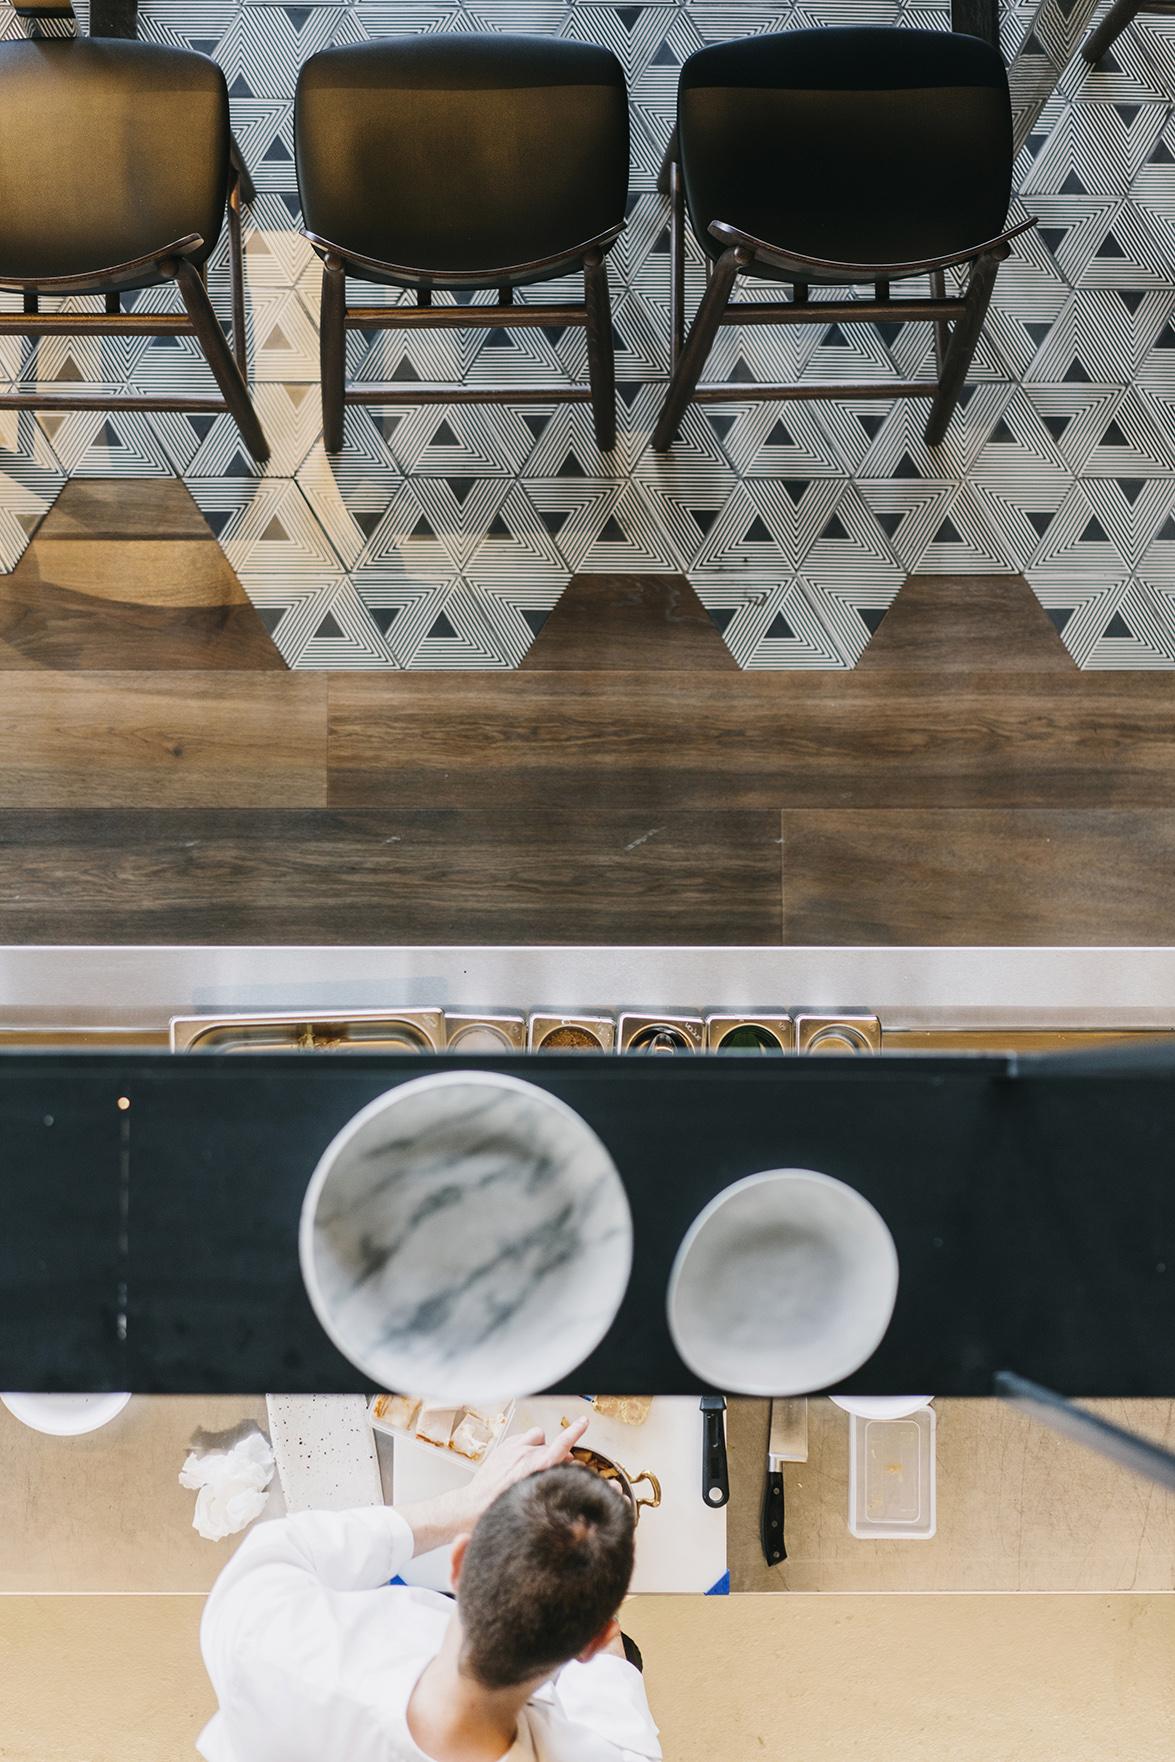 restaurante_terre_grupo_murri_tarruella_trenchs_studio__foto_salva_lopez_10